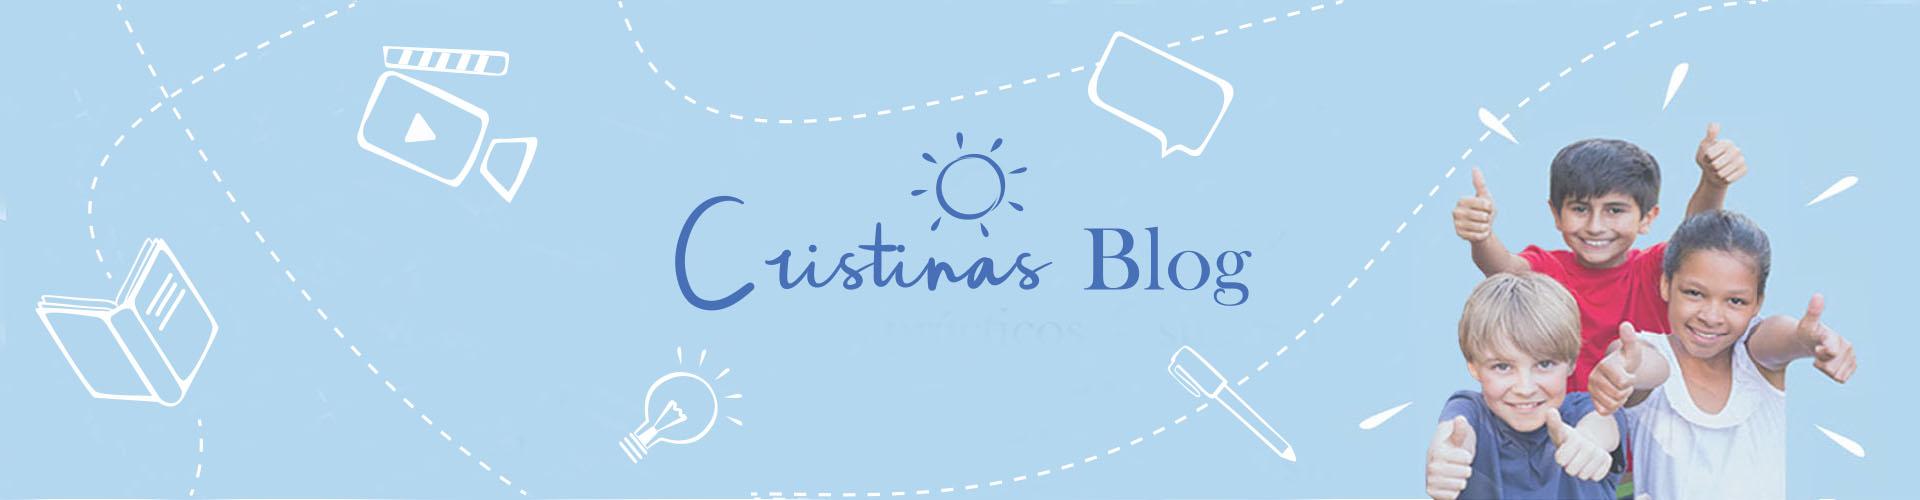 Cristinas Blog